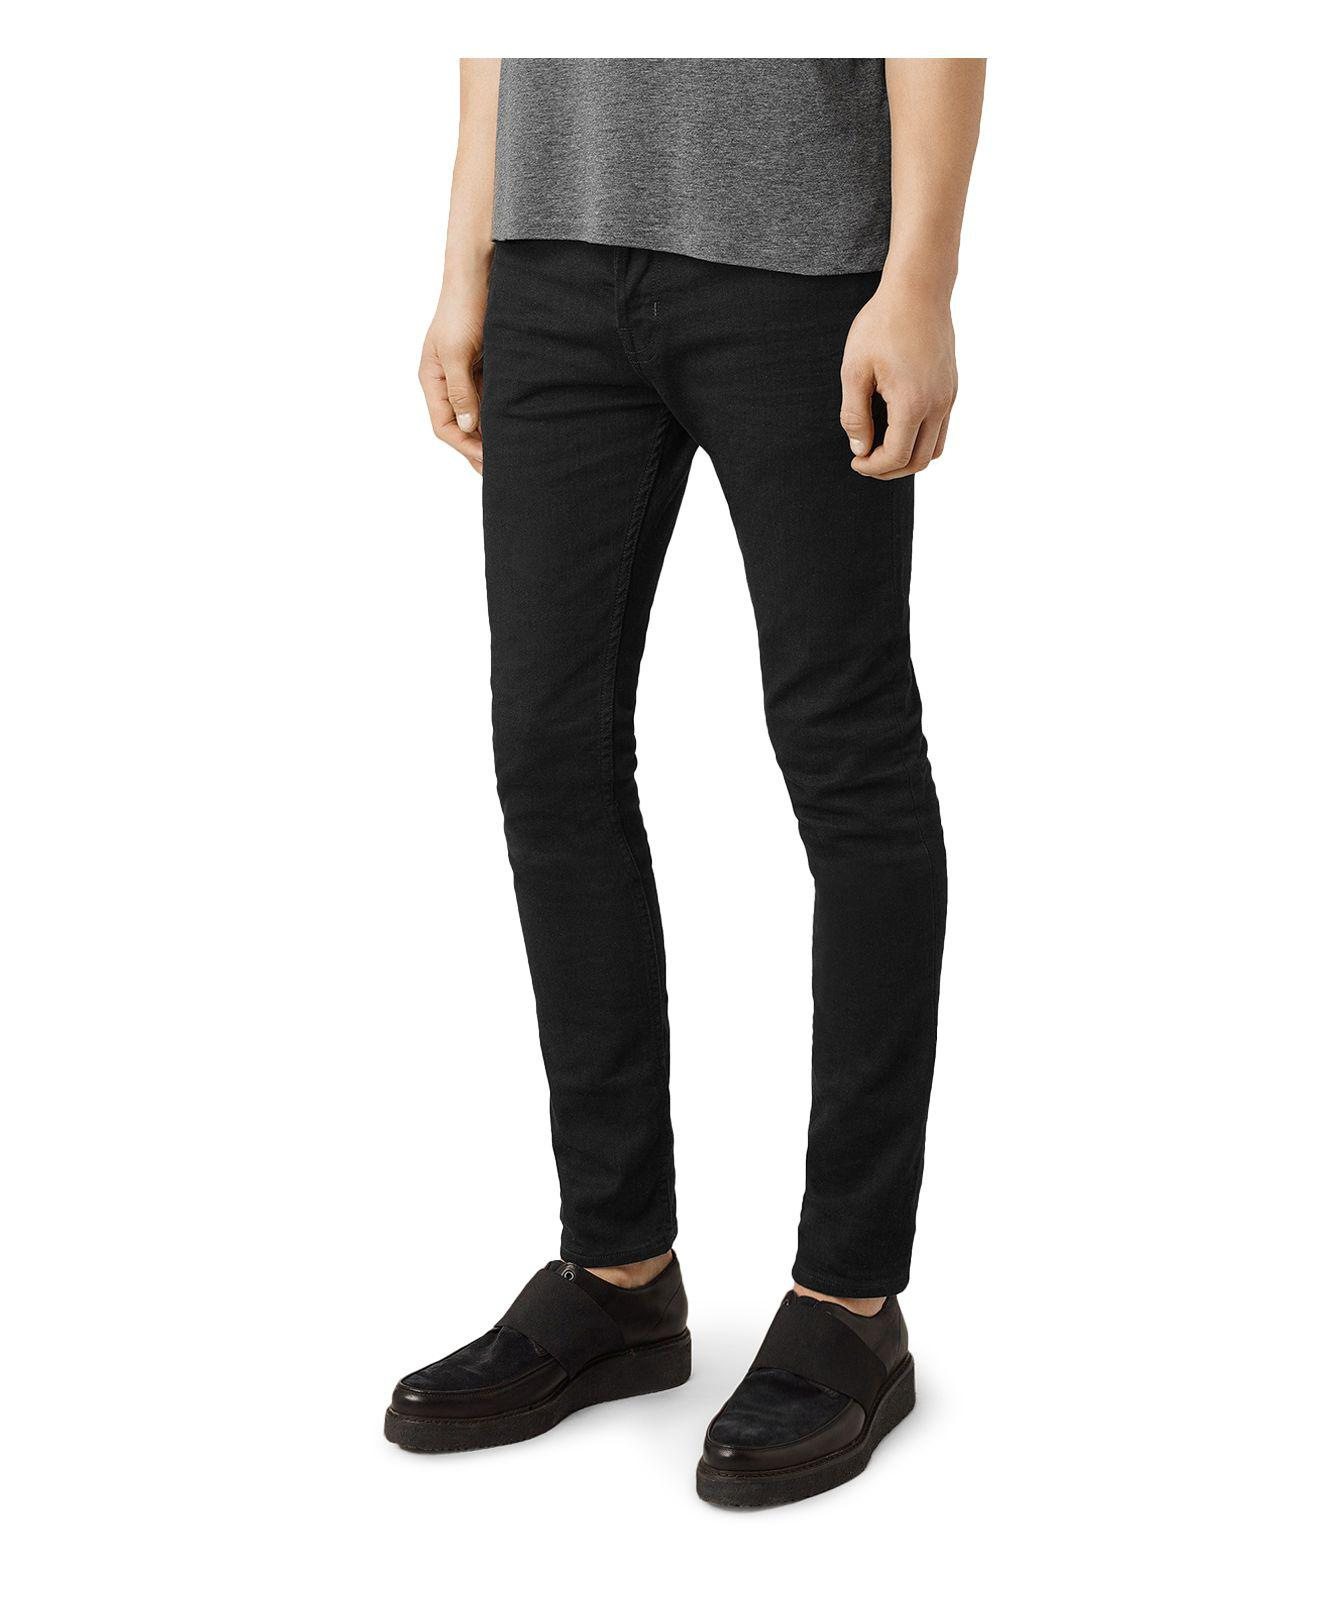 AllSaints Denim Crow Cigarette Super Slim Fit Jeans In Jet Black for Men